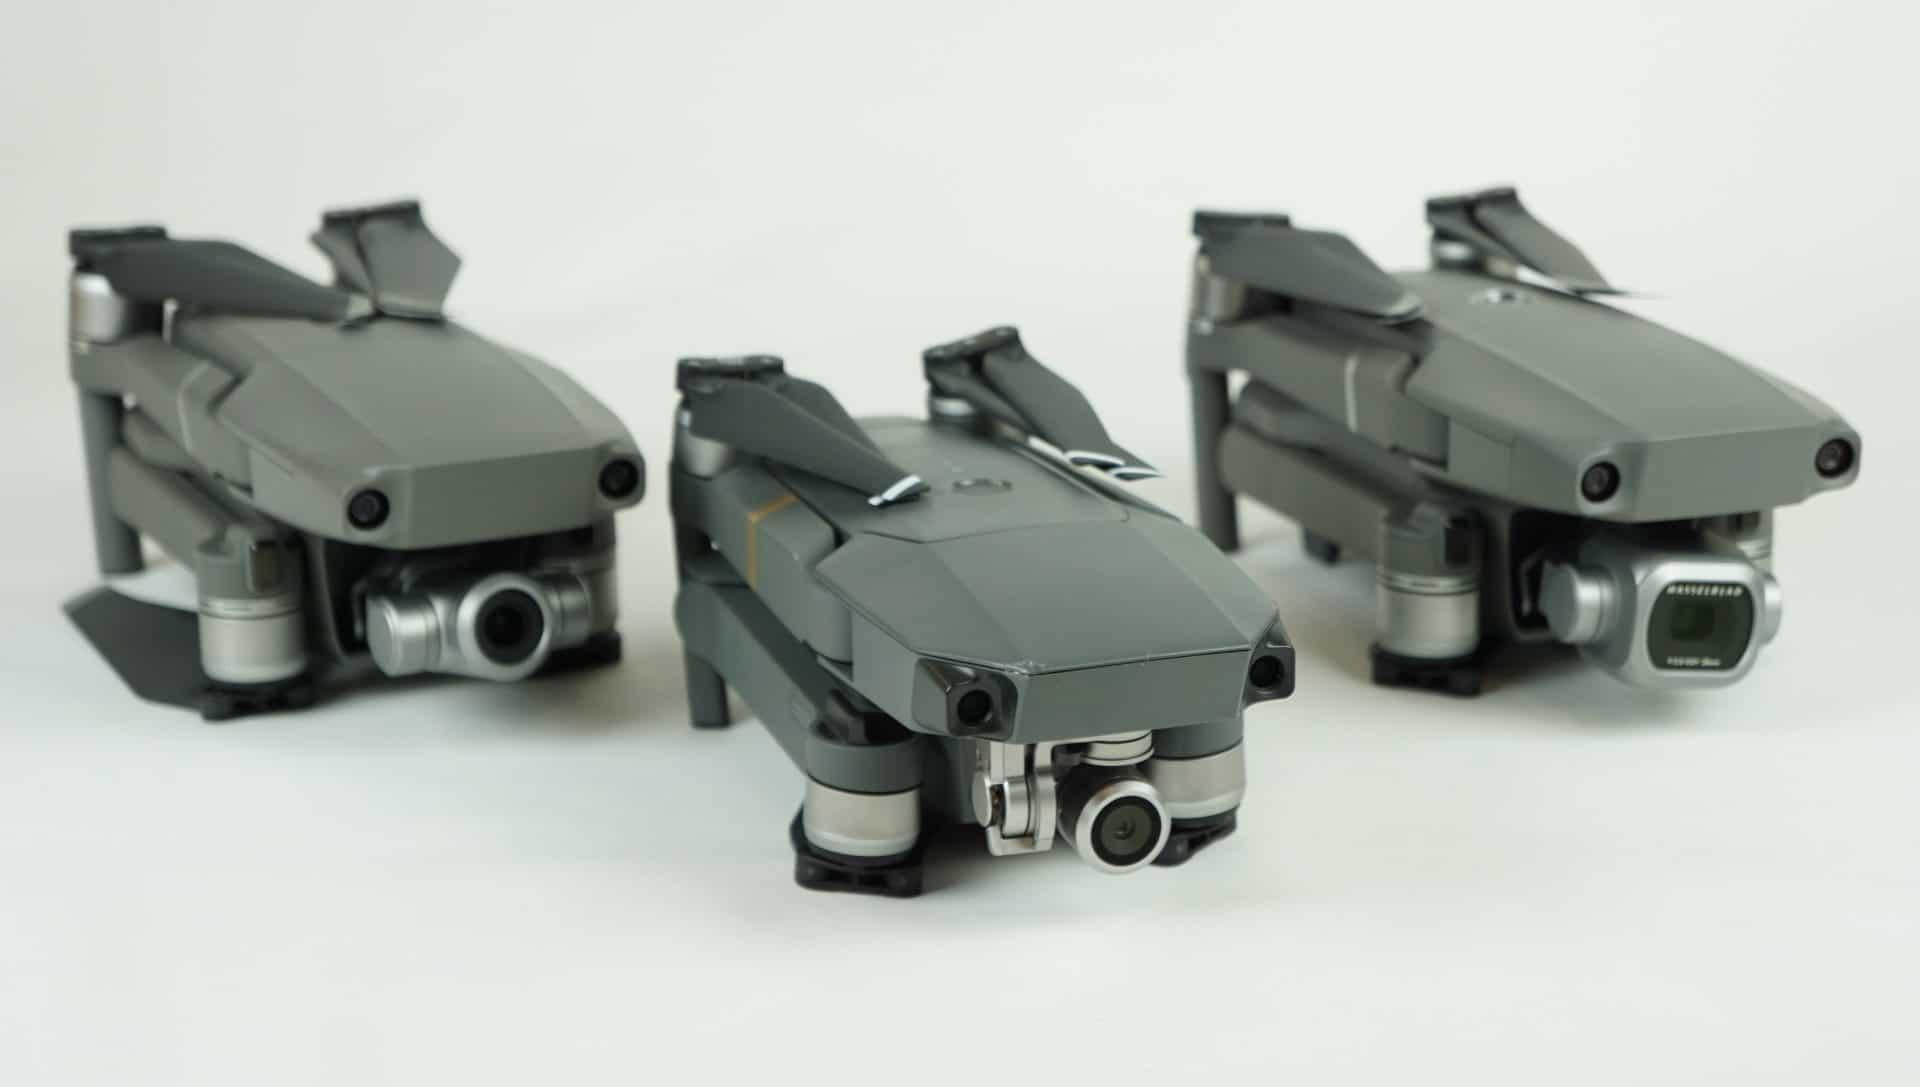 Drones de la serie Mavic